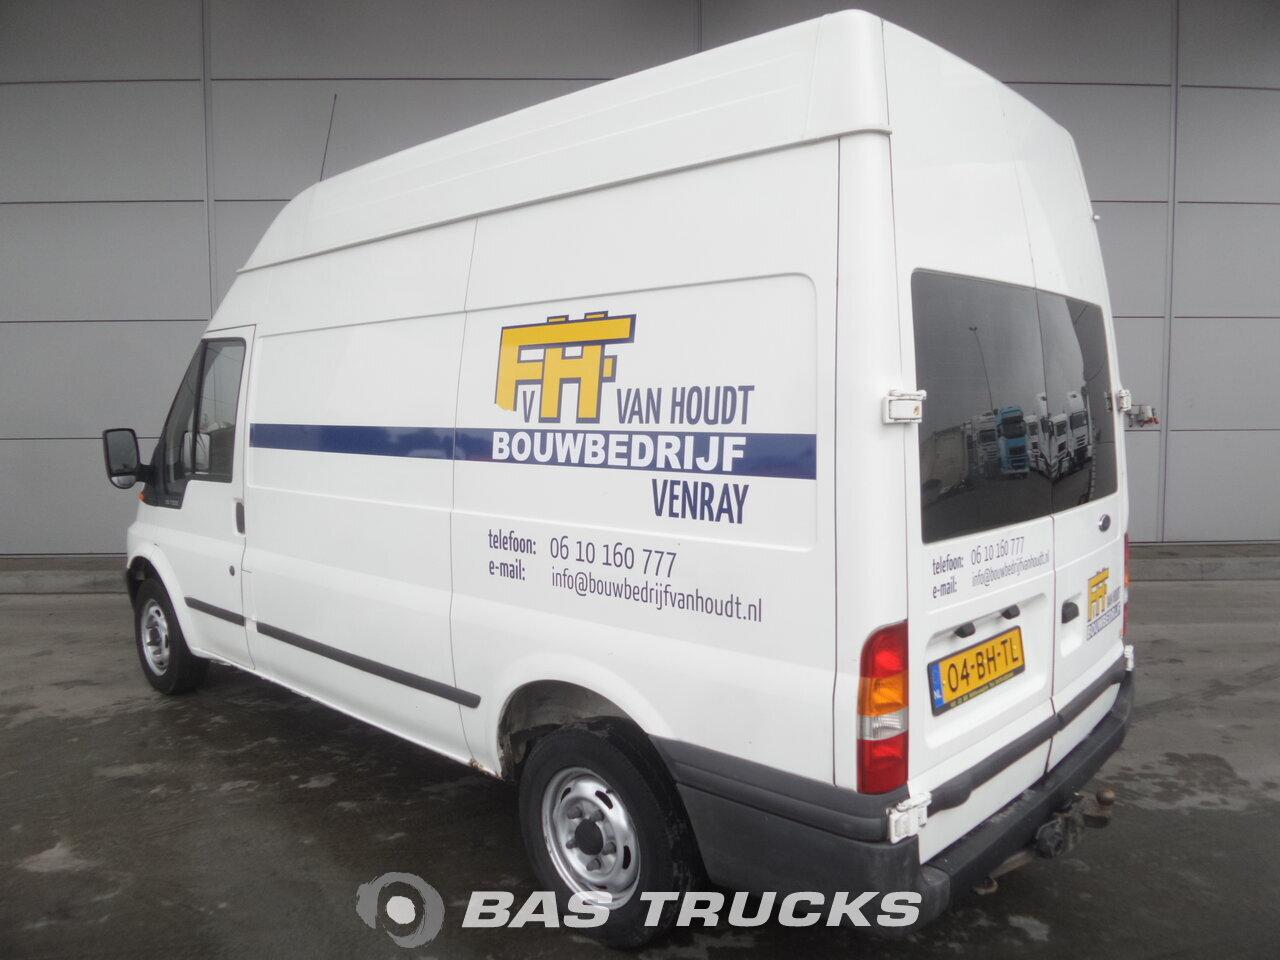 ford transit l2h2 10m3 light commercial vehicle 2250 bas trucks. Black Bedroom Furniture Sets. Home Design Ideas